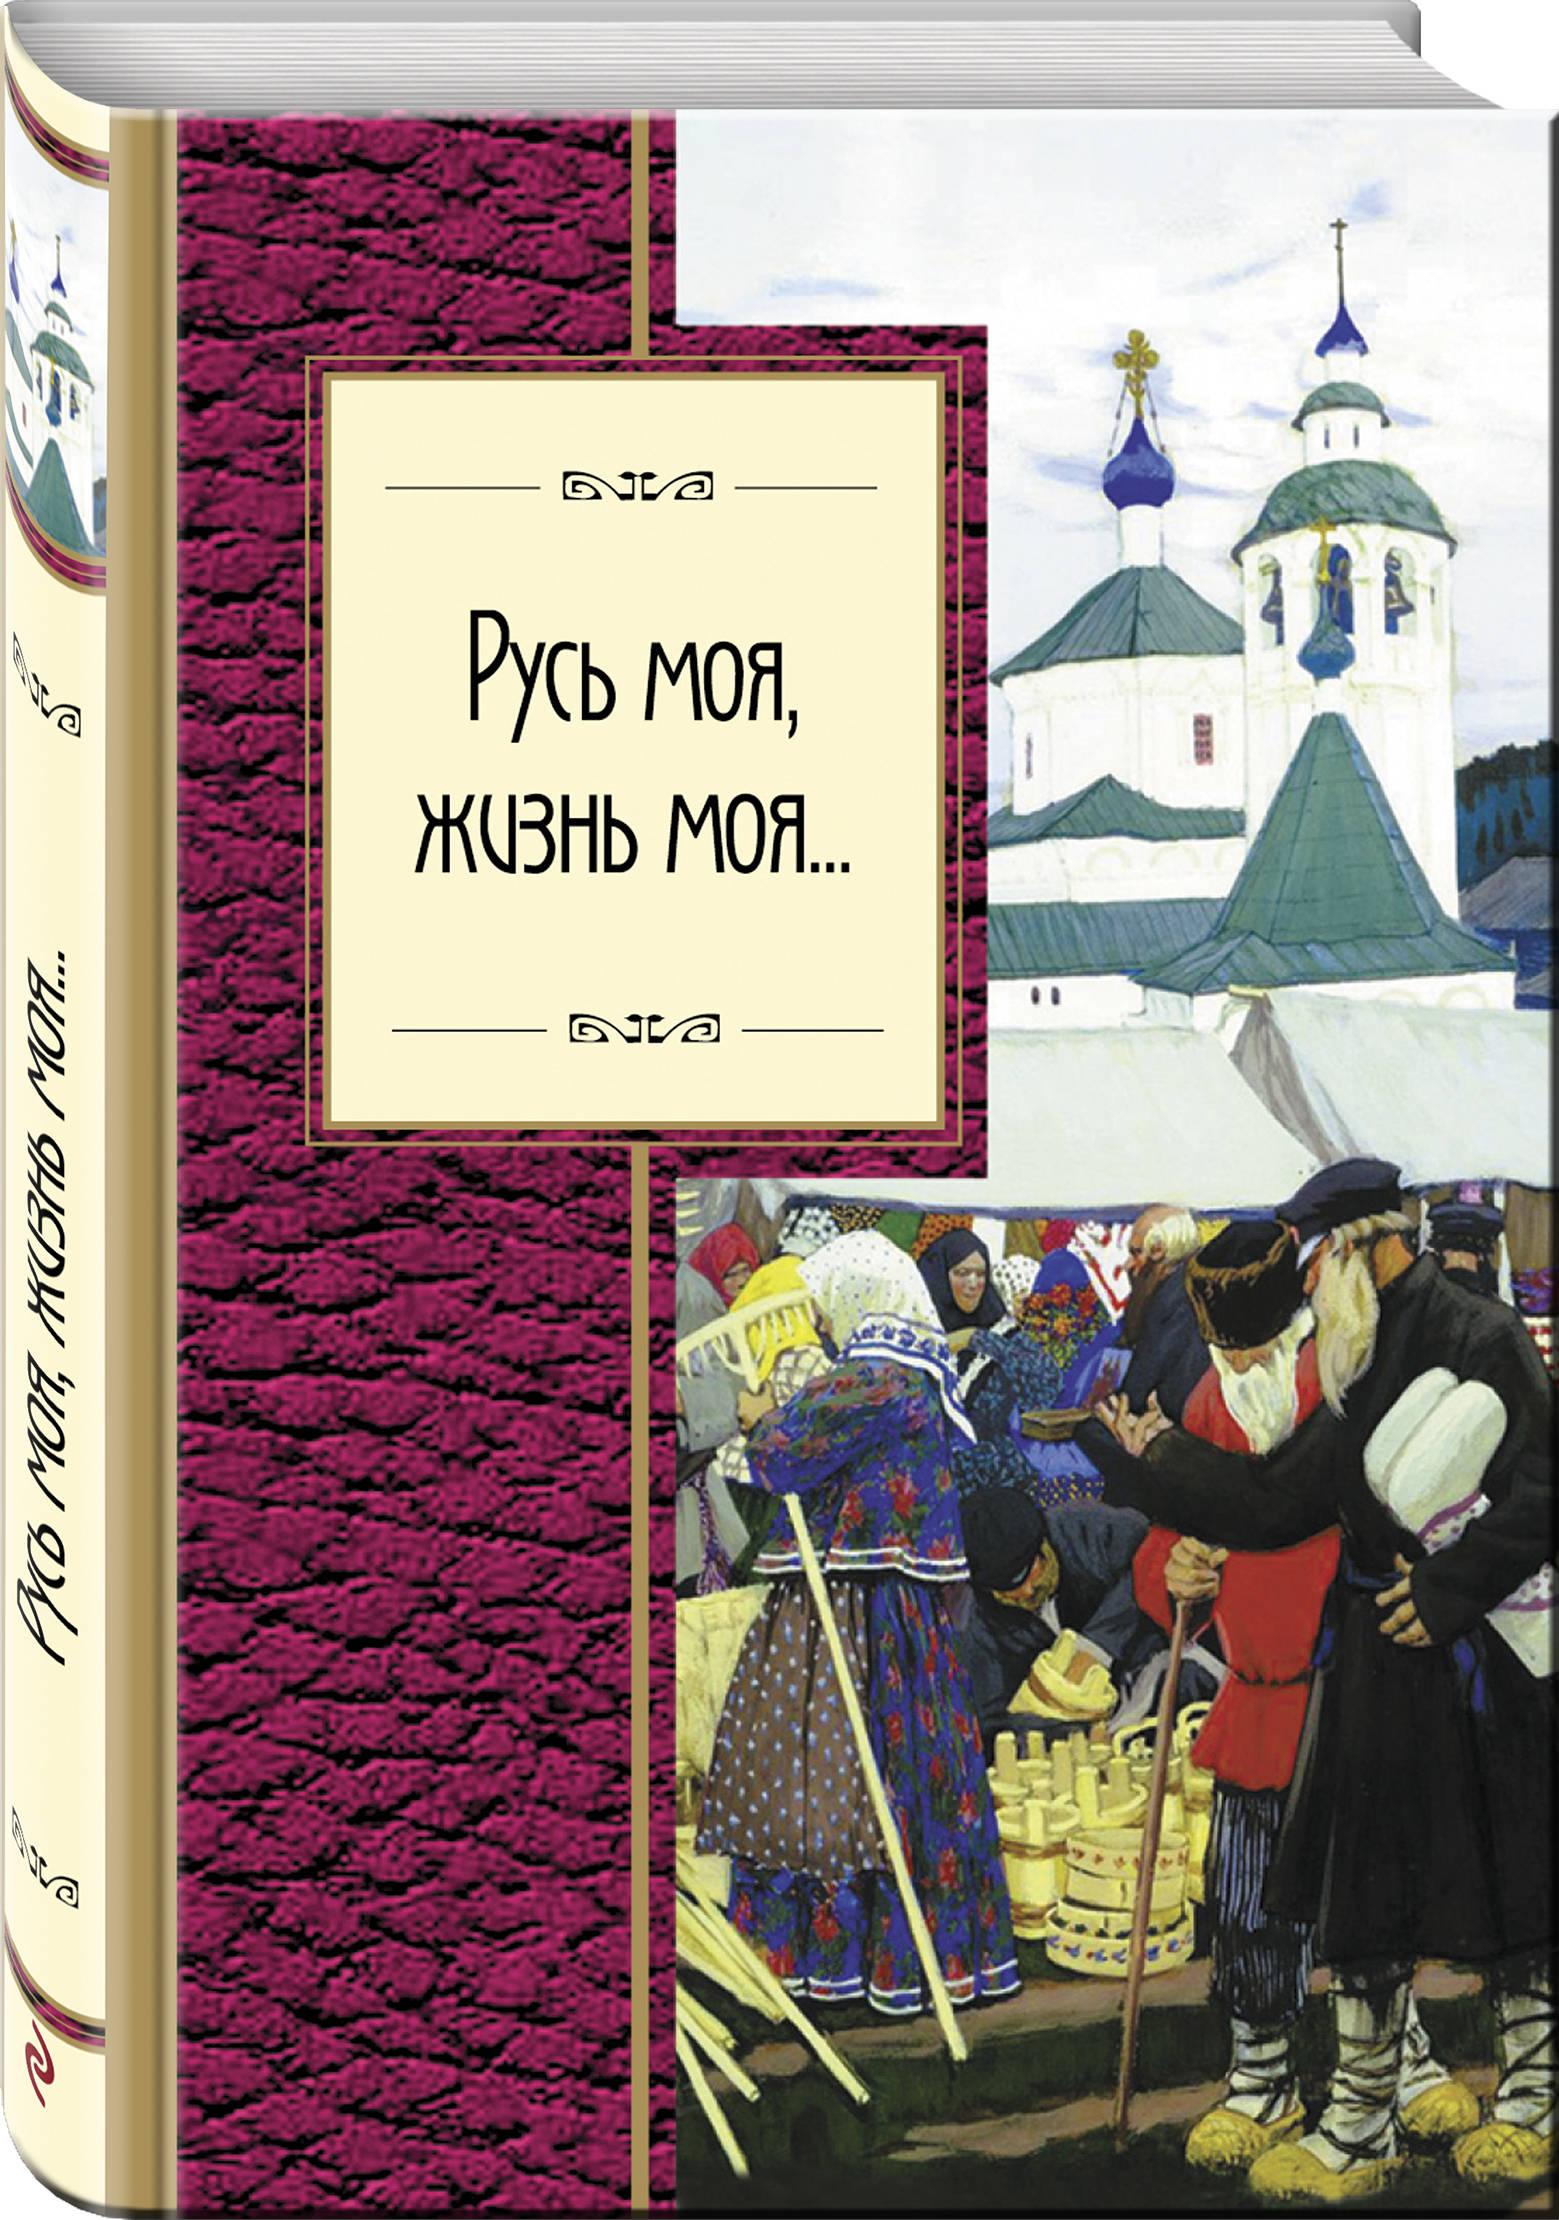 Пушкин А.С., Блок А.А., Ахматова А.А. и др. Русь моя, жизнь моя...